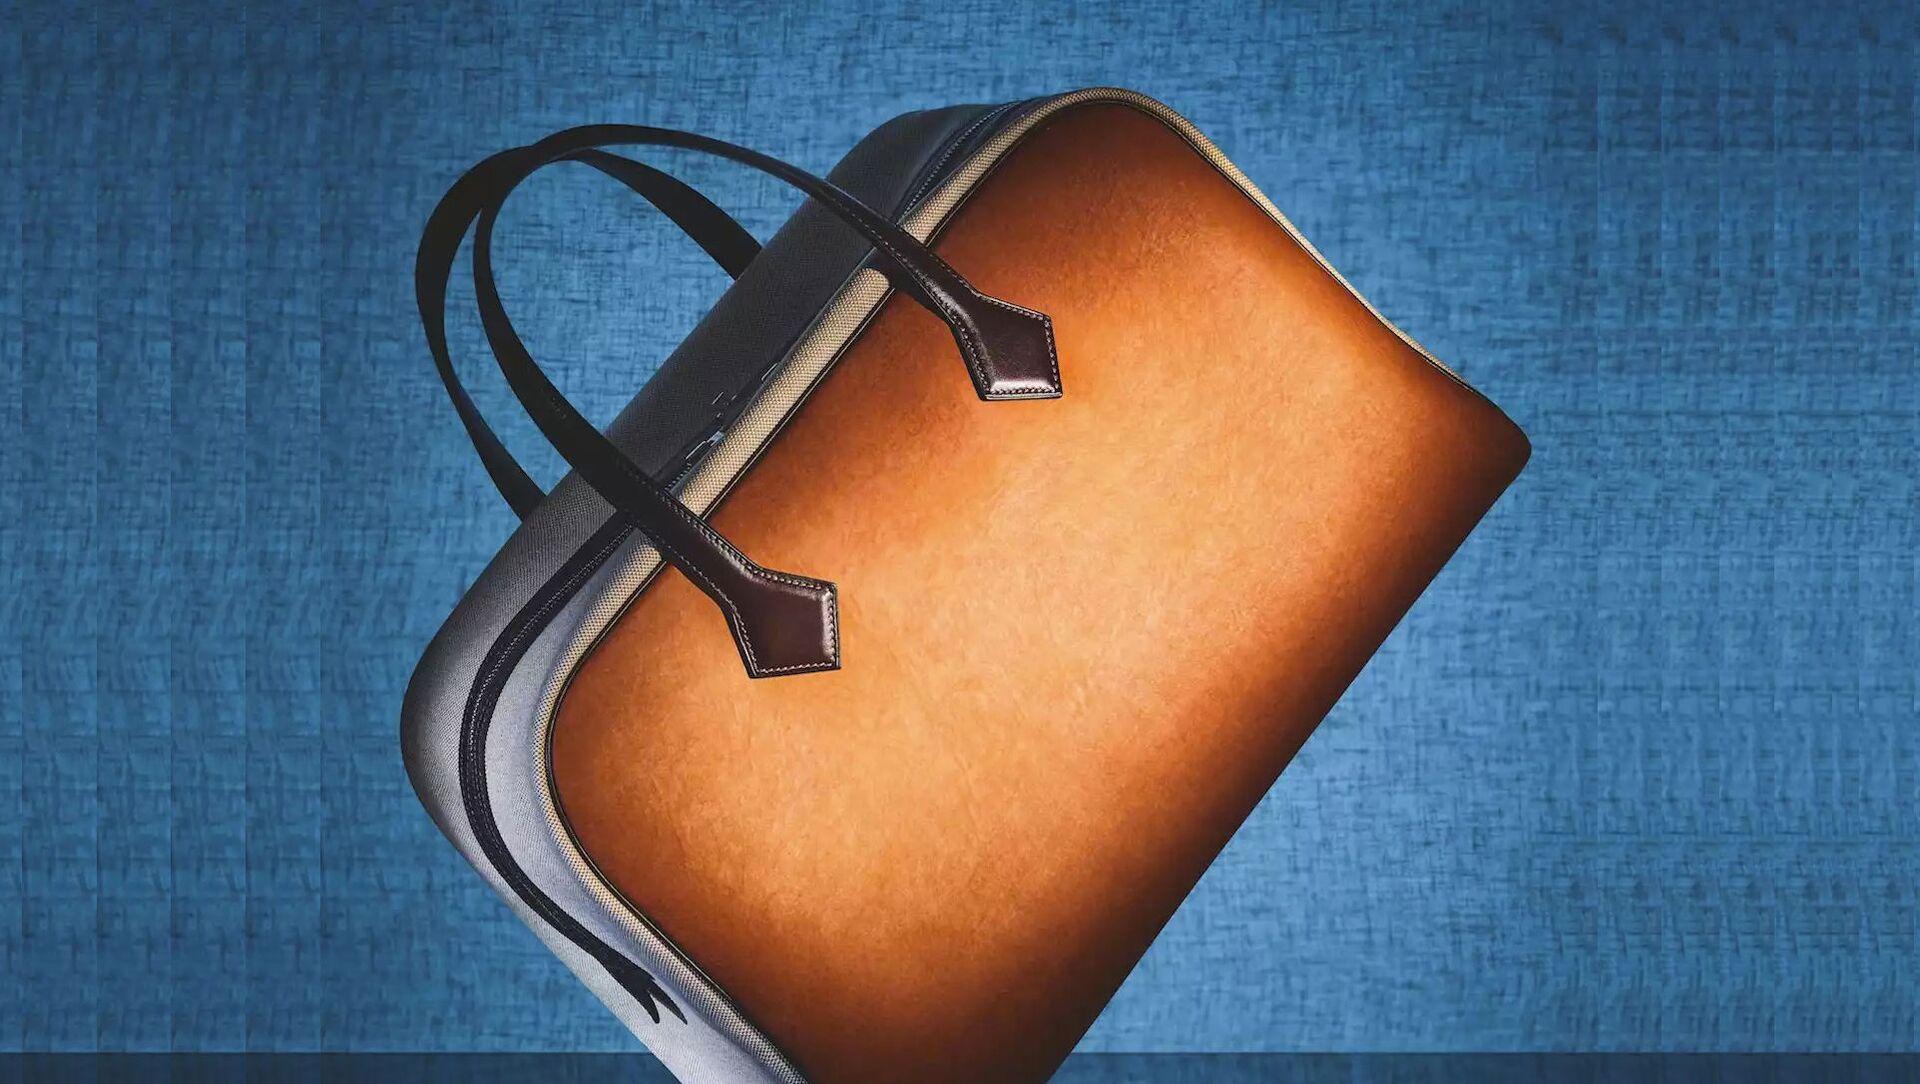 Спаси и сохрани. Hermès выпускает сумку из альтернативной кожи. На основе грибов - Sputnik Армения, 1920, 15.03.2021